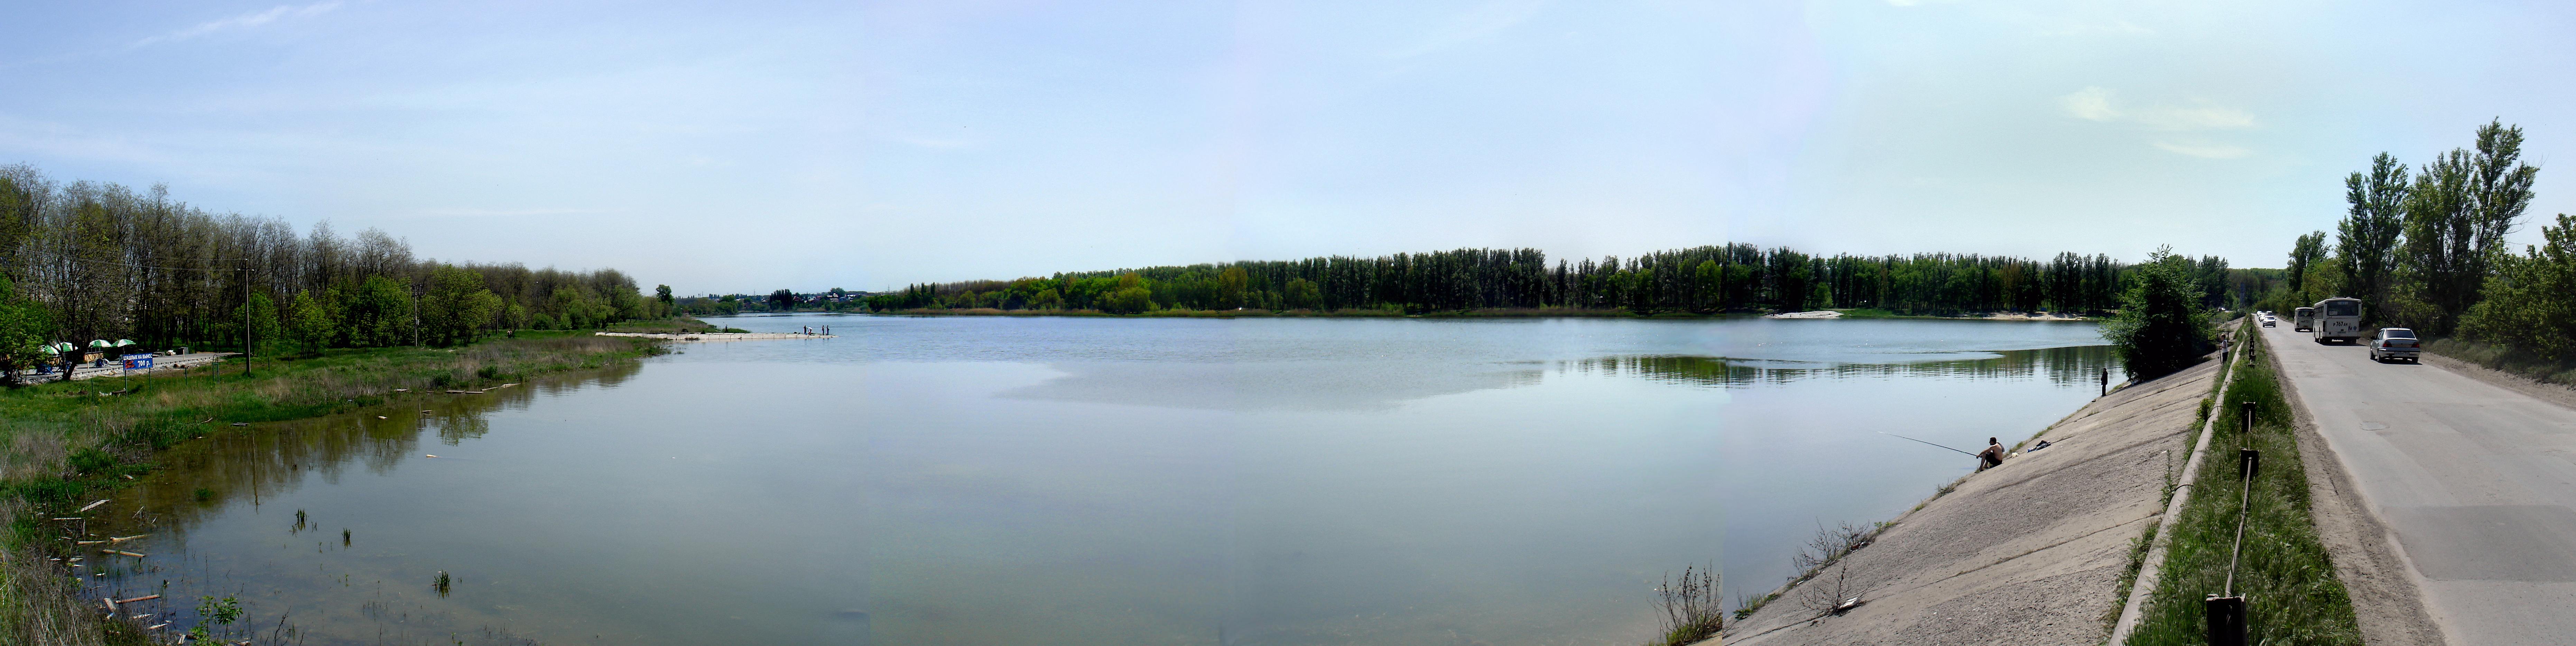 Пляж ростовское море 41